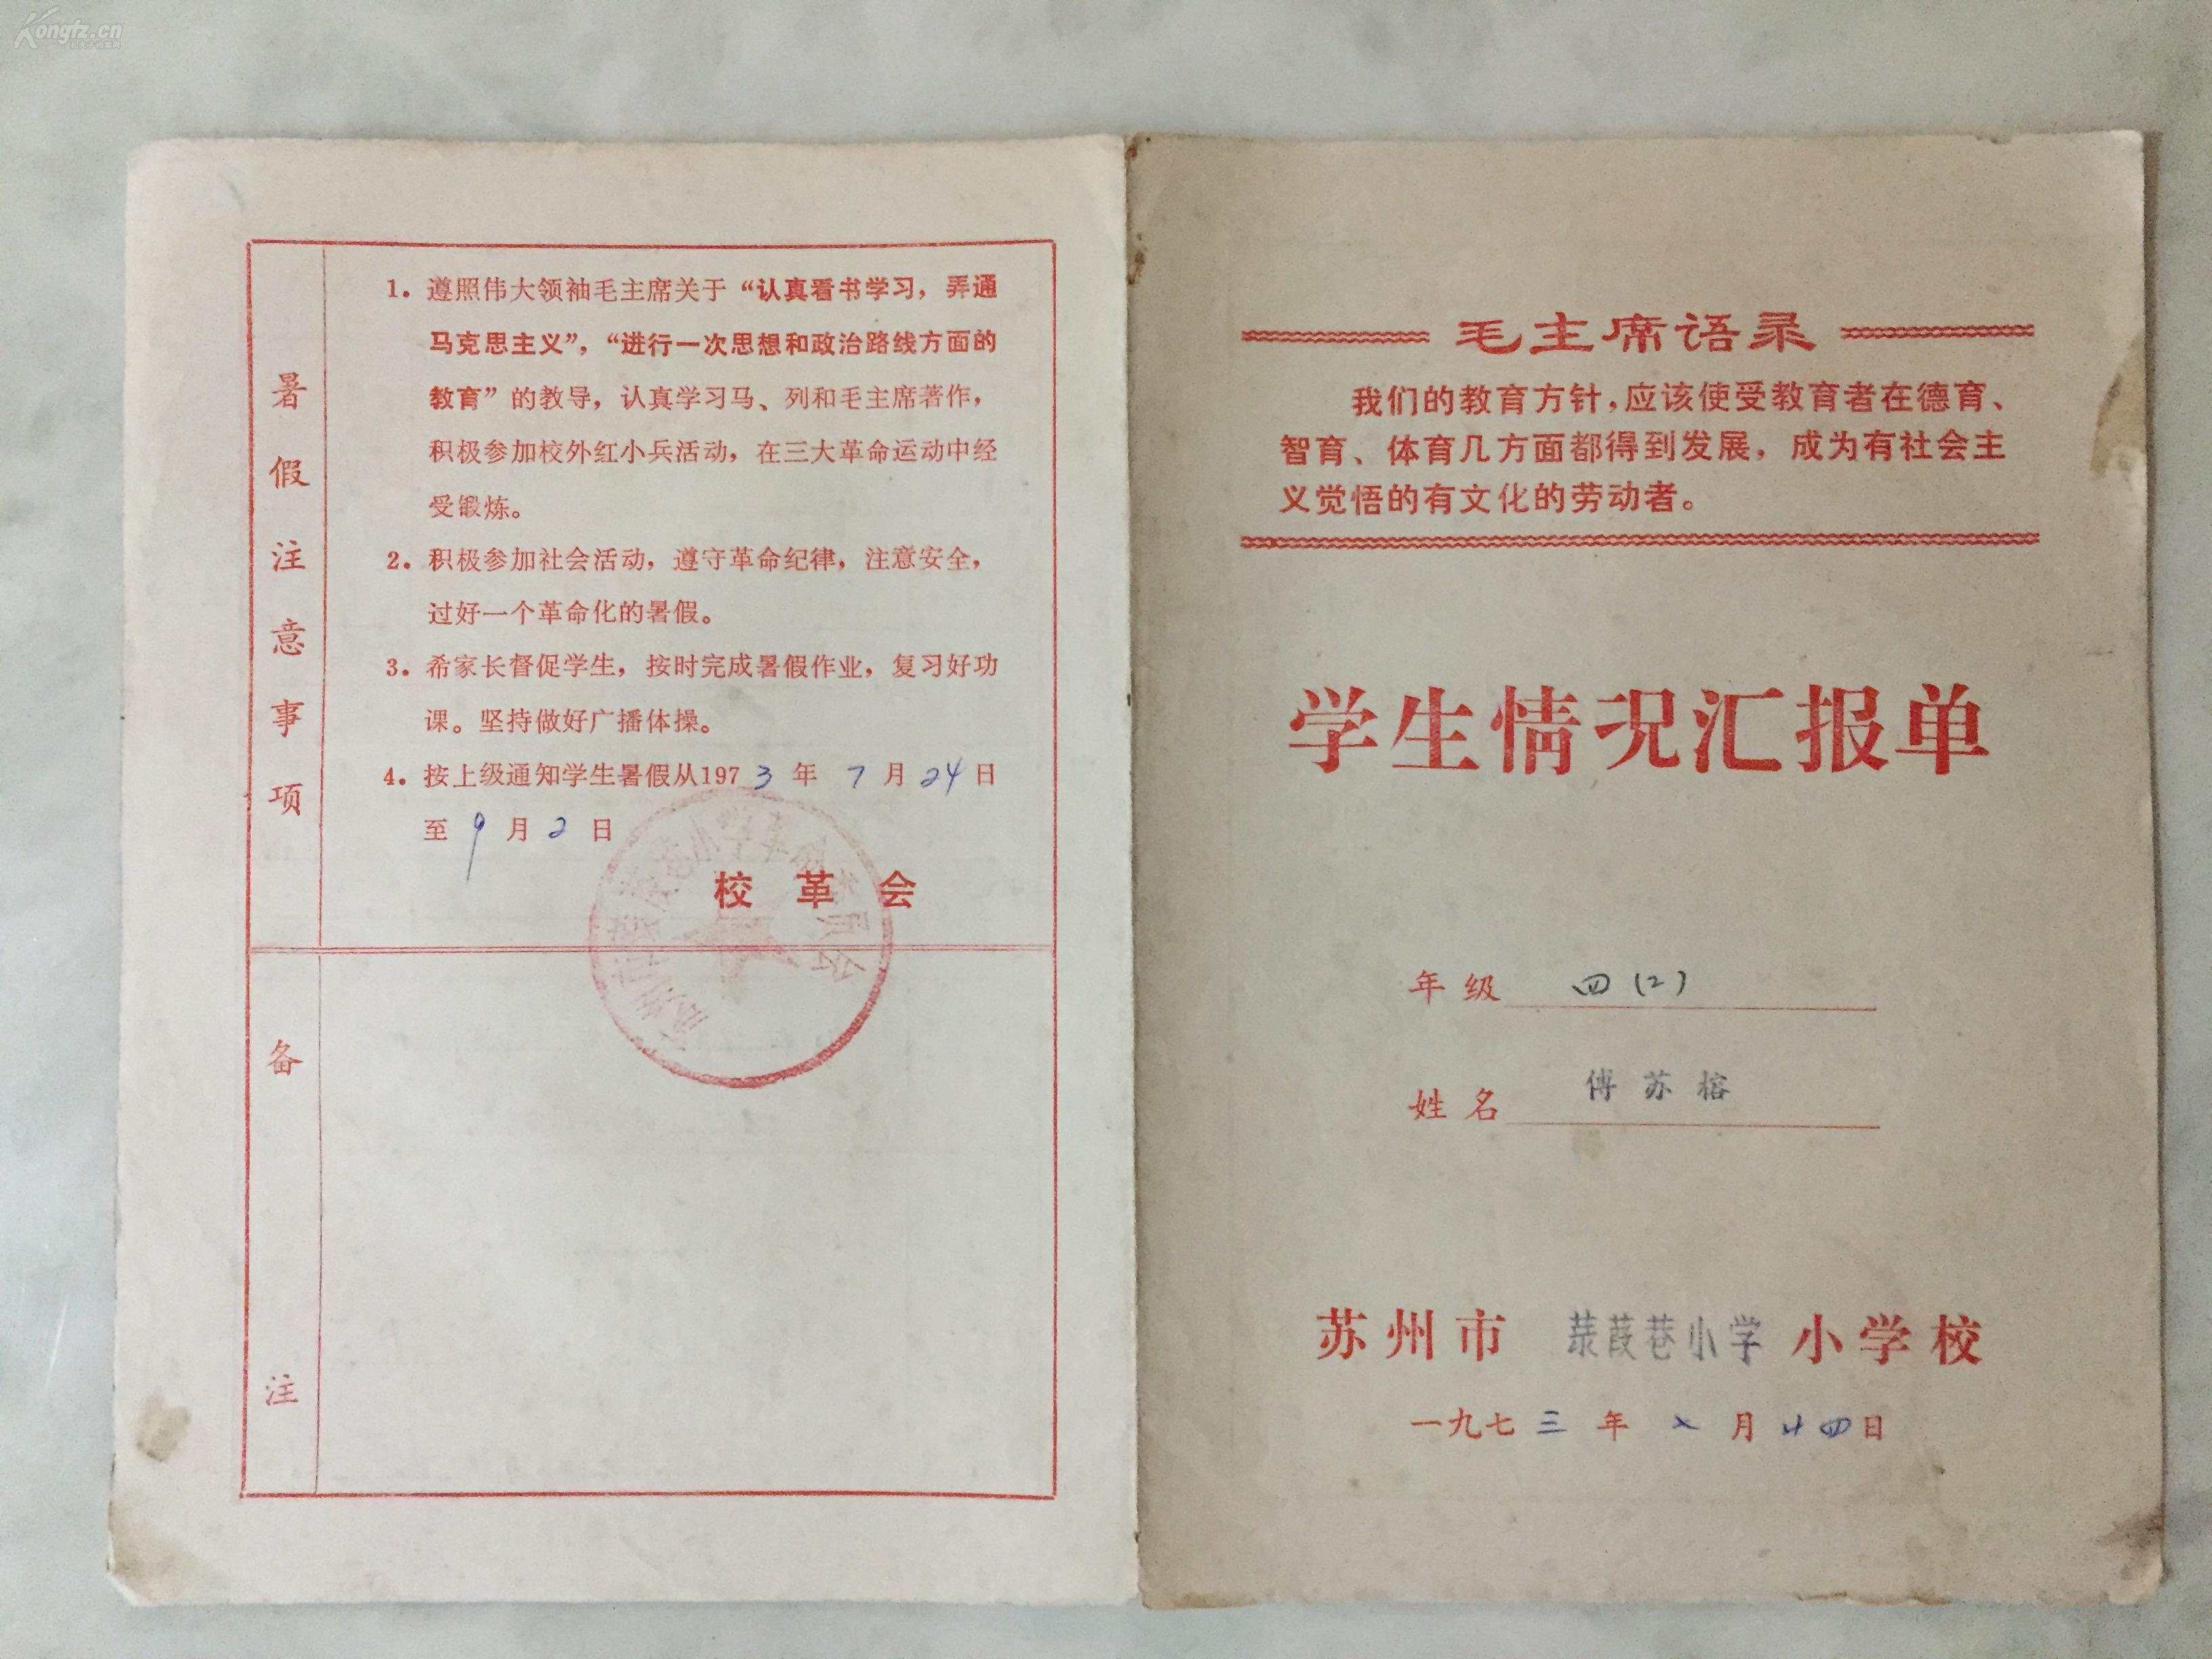 1973年苏州录葭巷主席带毛小学小学《学生情演讲稿语录的生好习惯图片